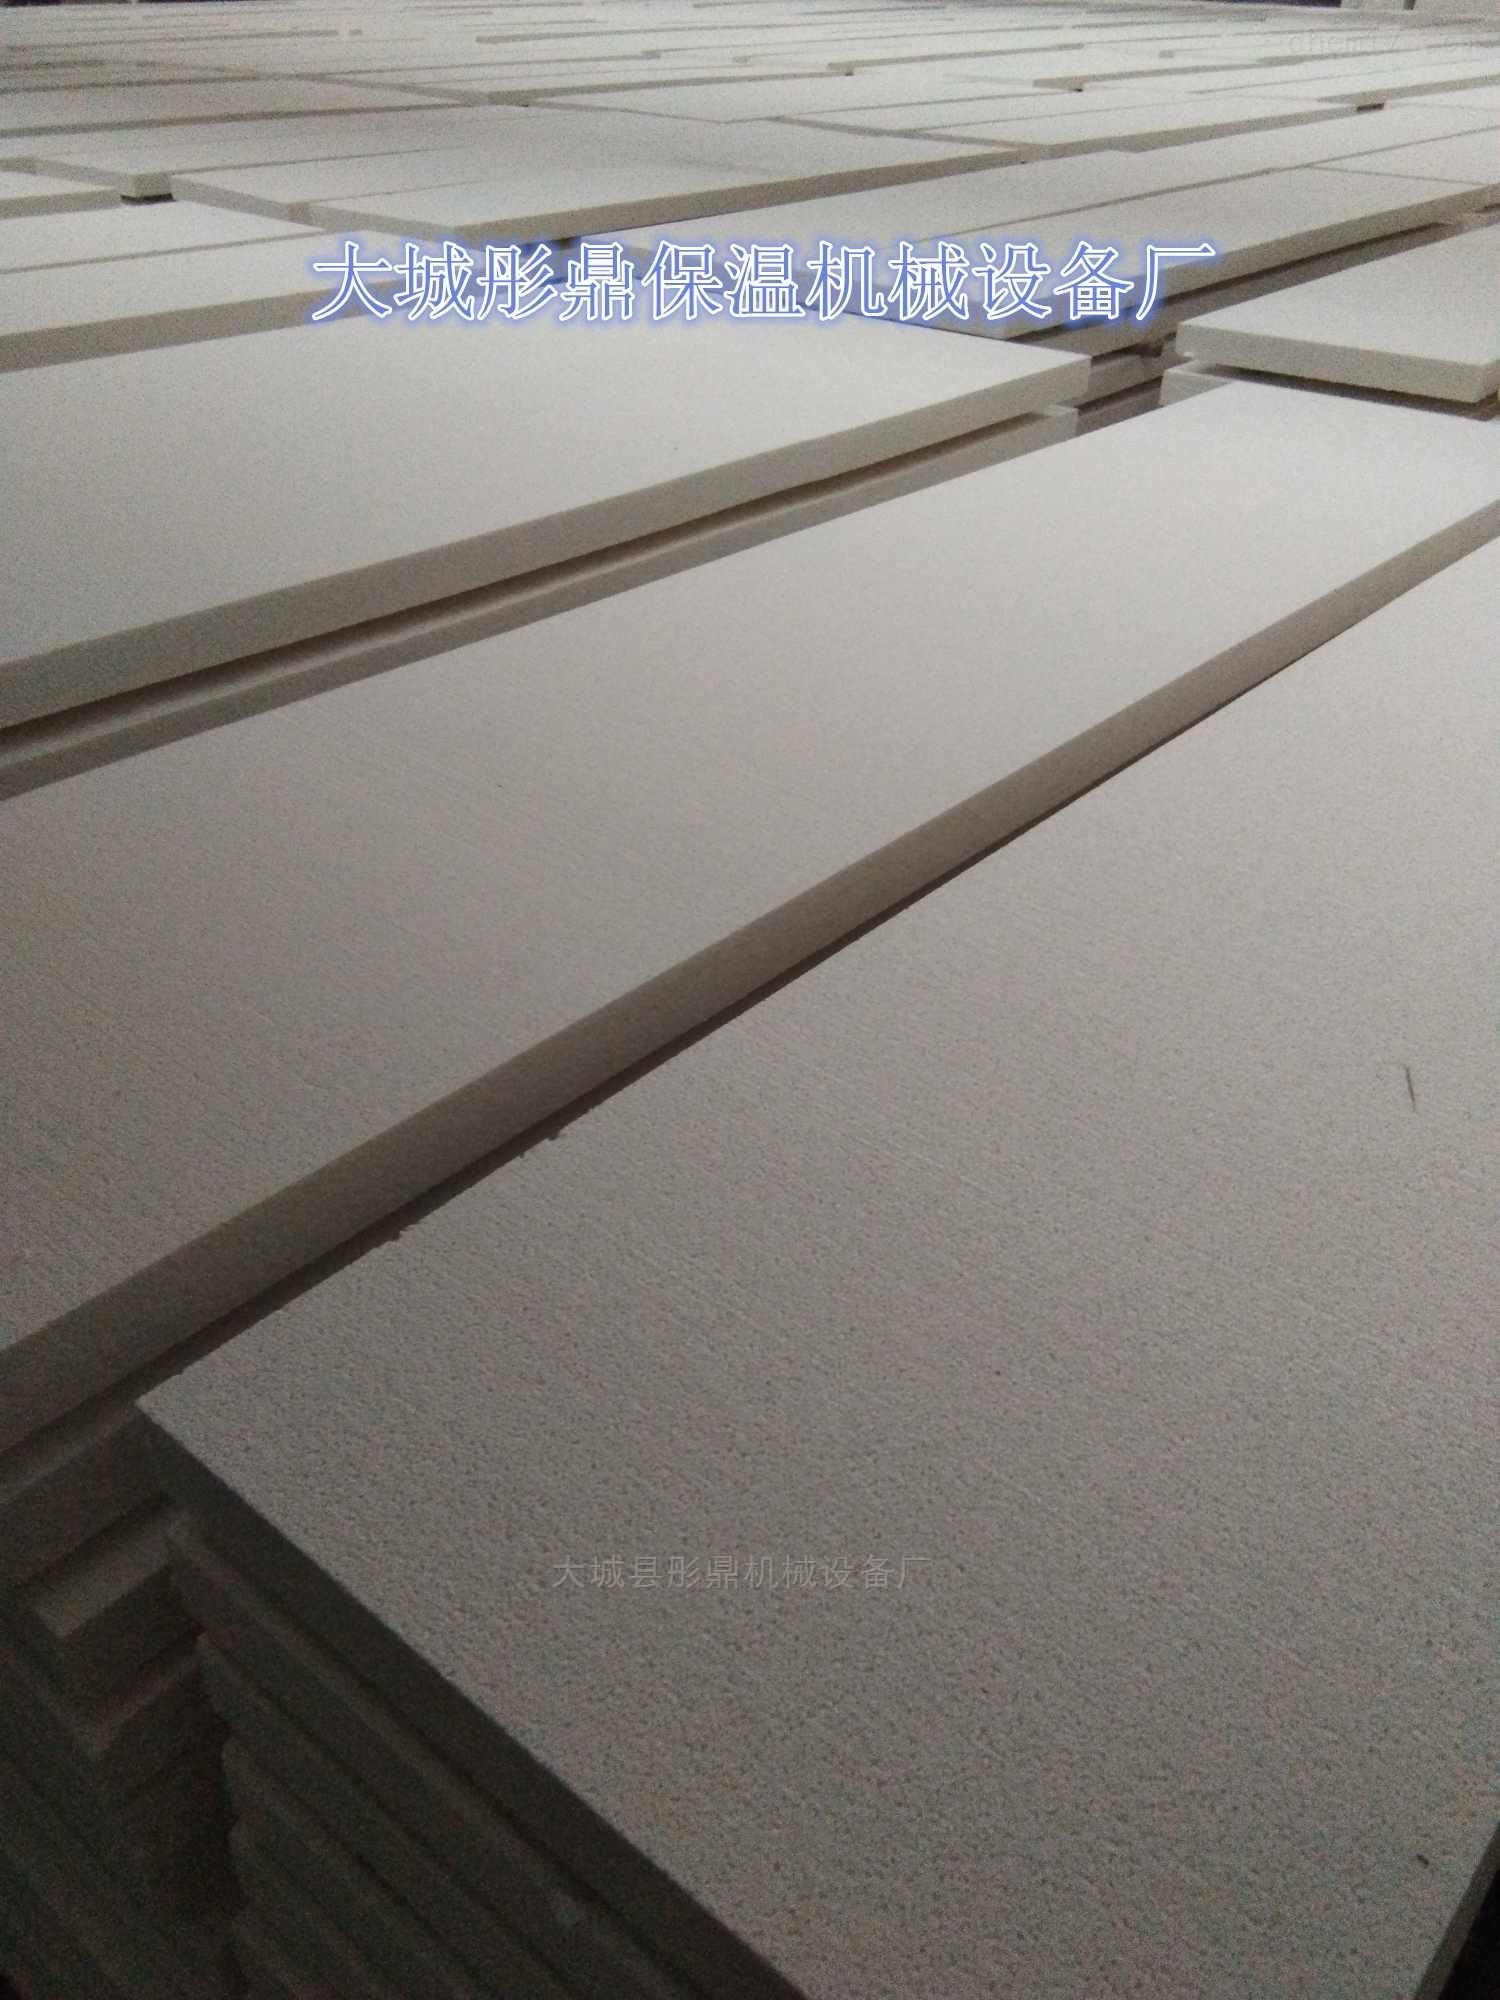 廊坊A级防火保温材料聚合聚苯板生产线